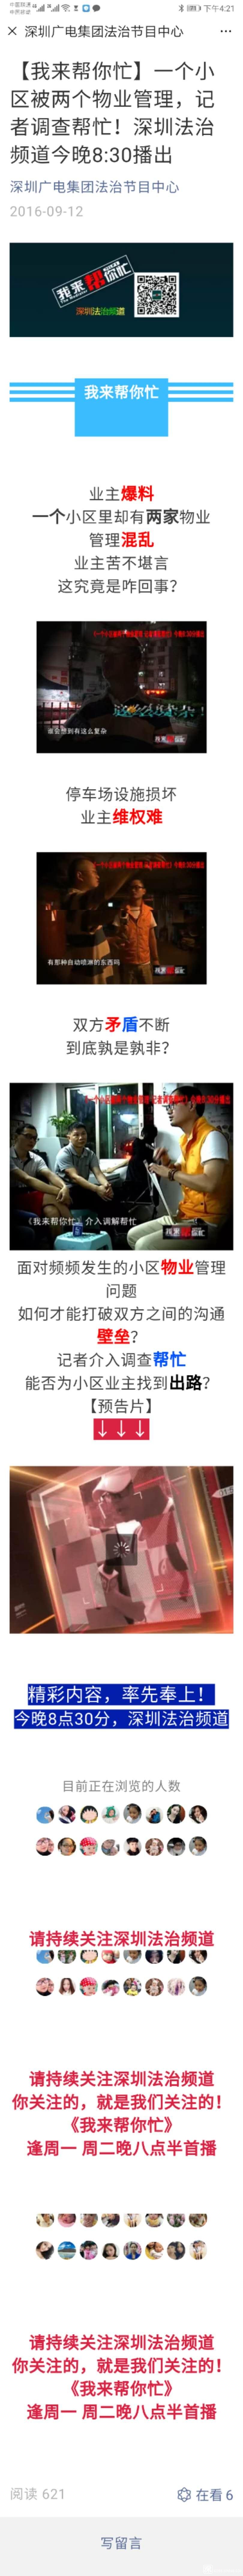 深圳法治频道《我来帮你忙》报道